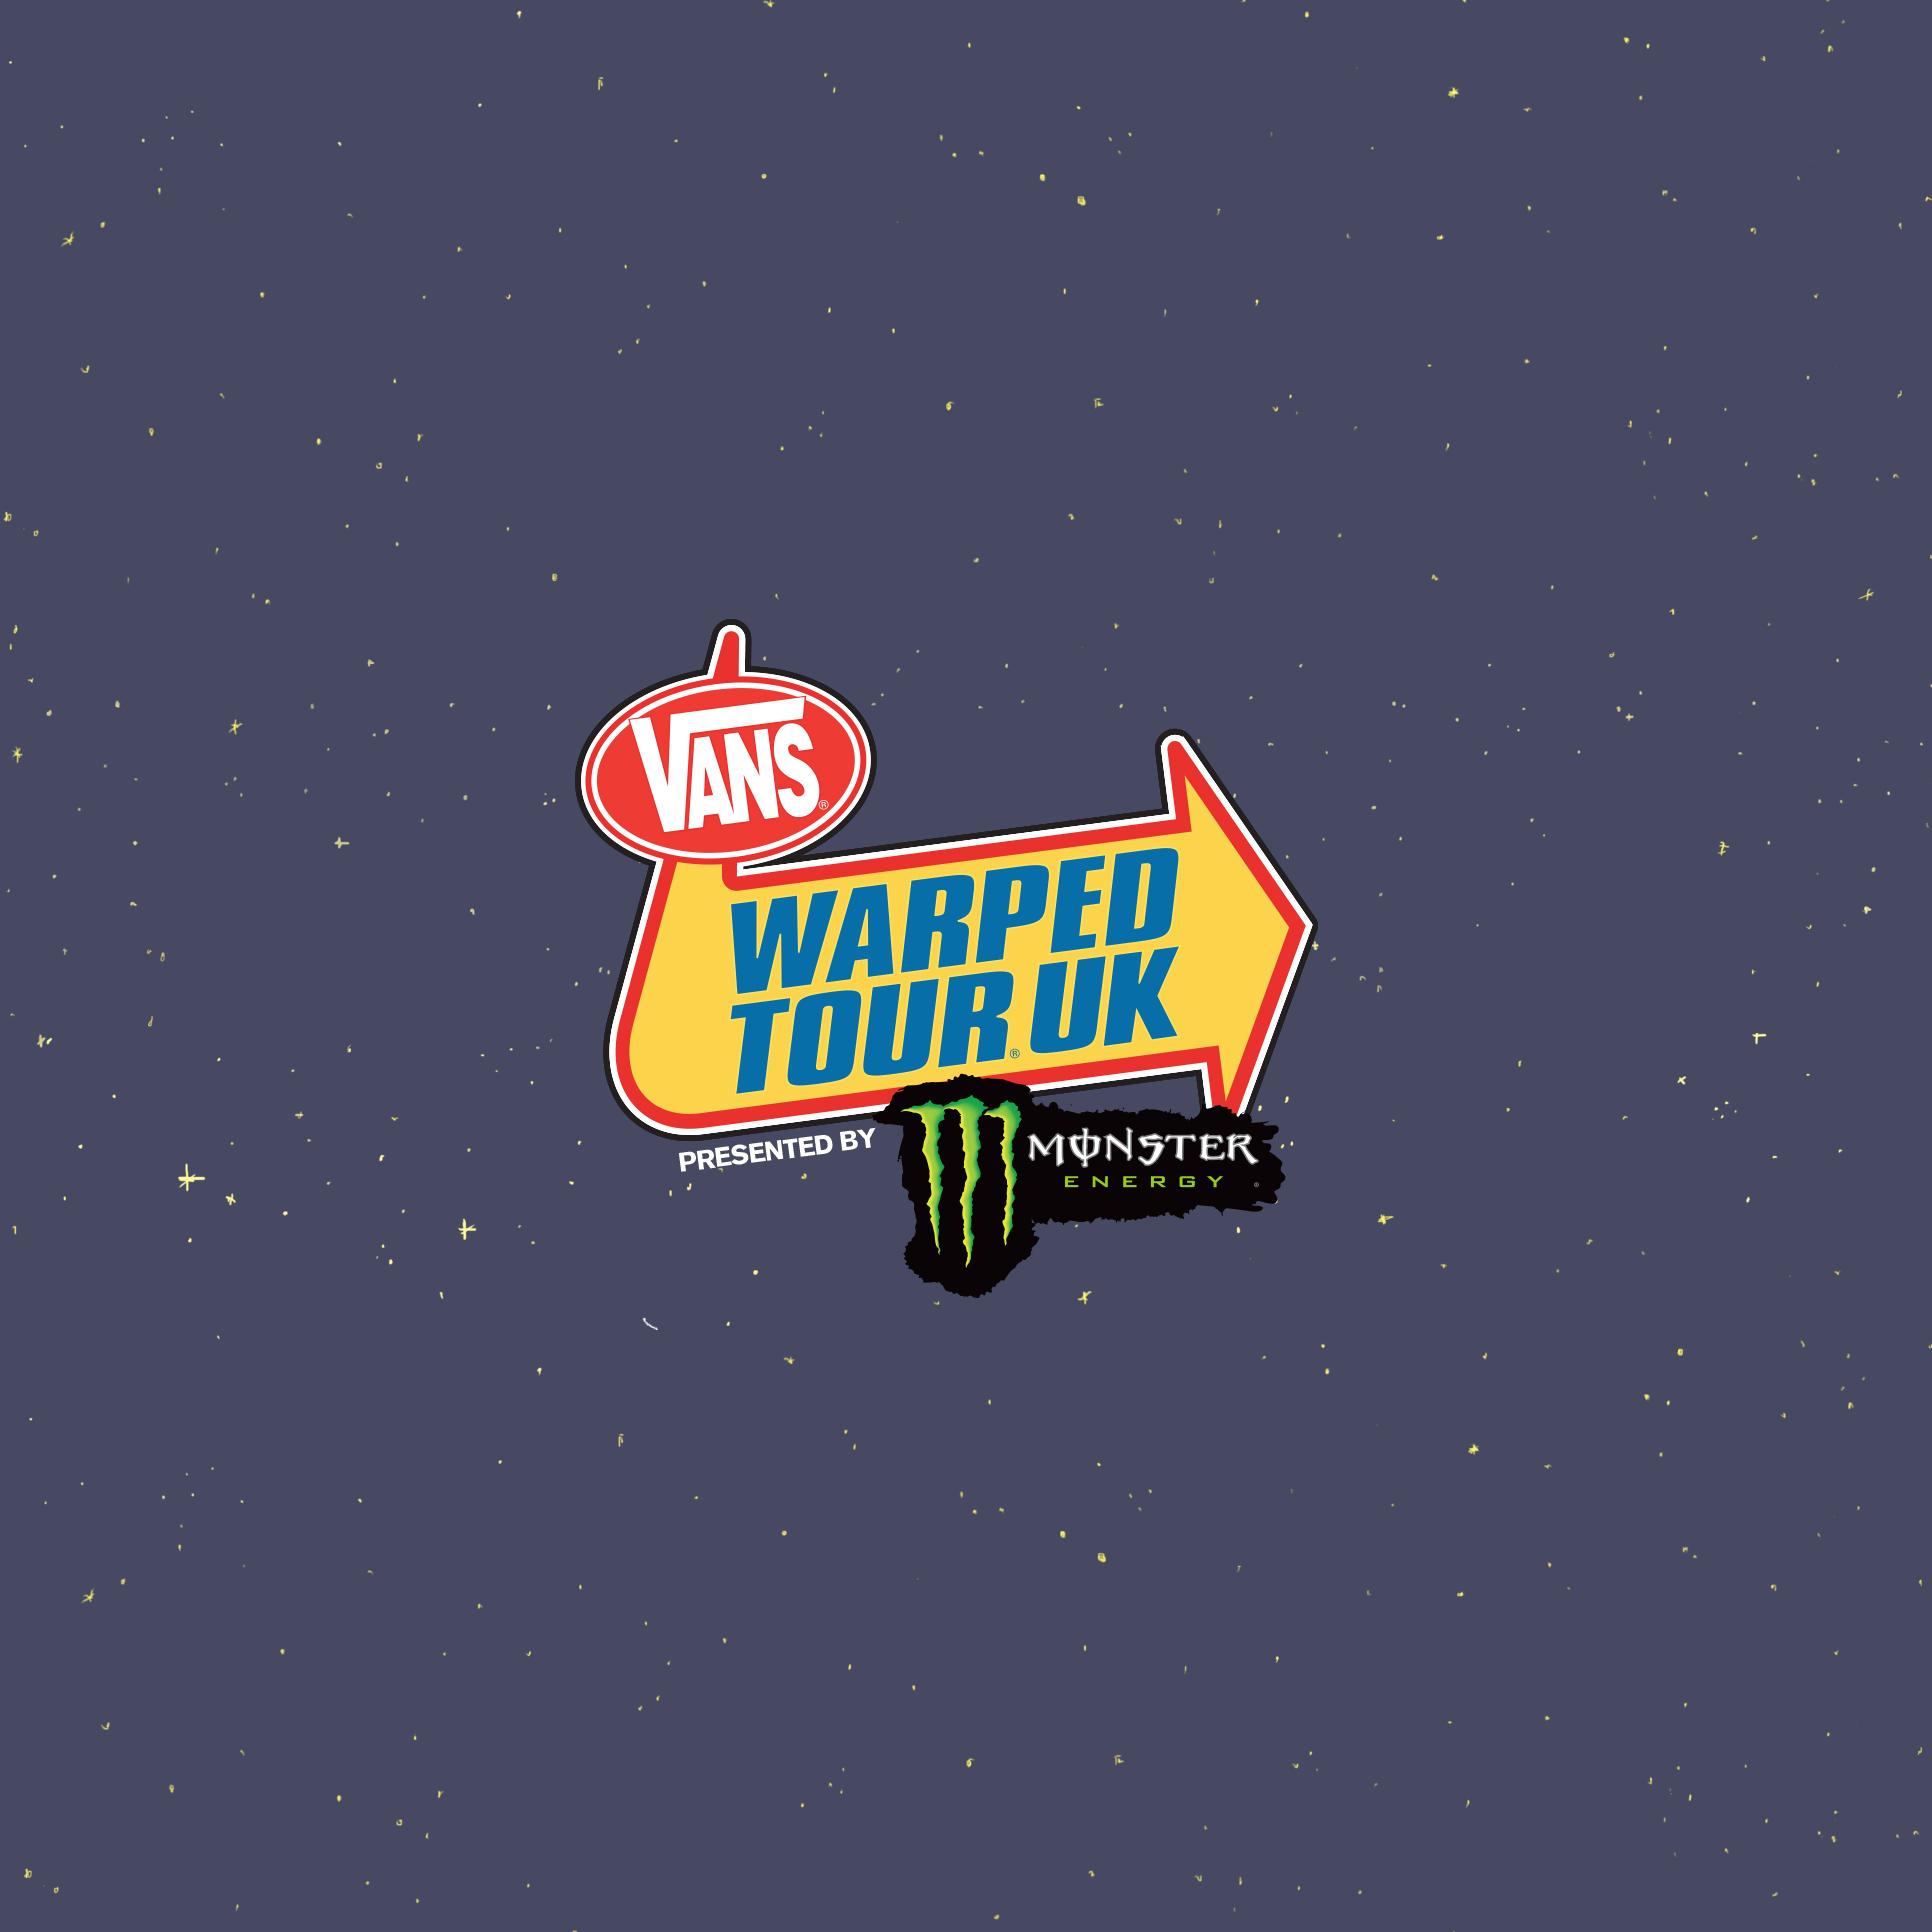 Buy Vans Warped Tour Tickets